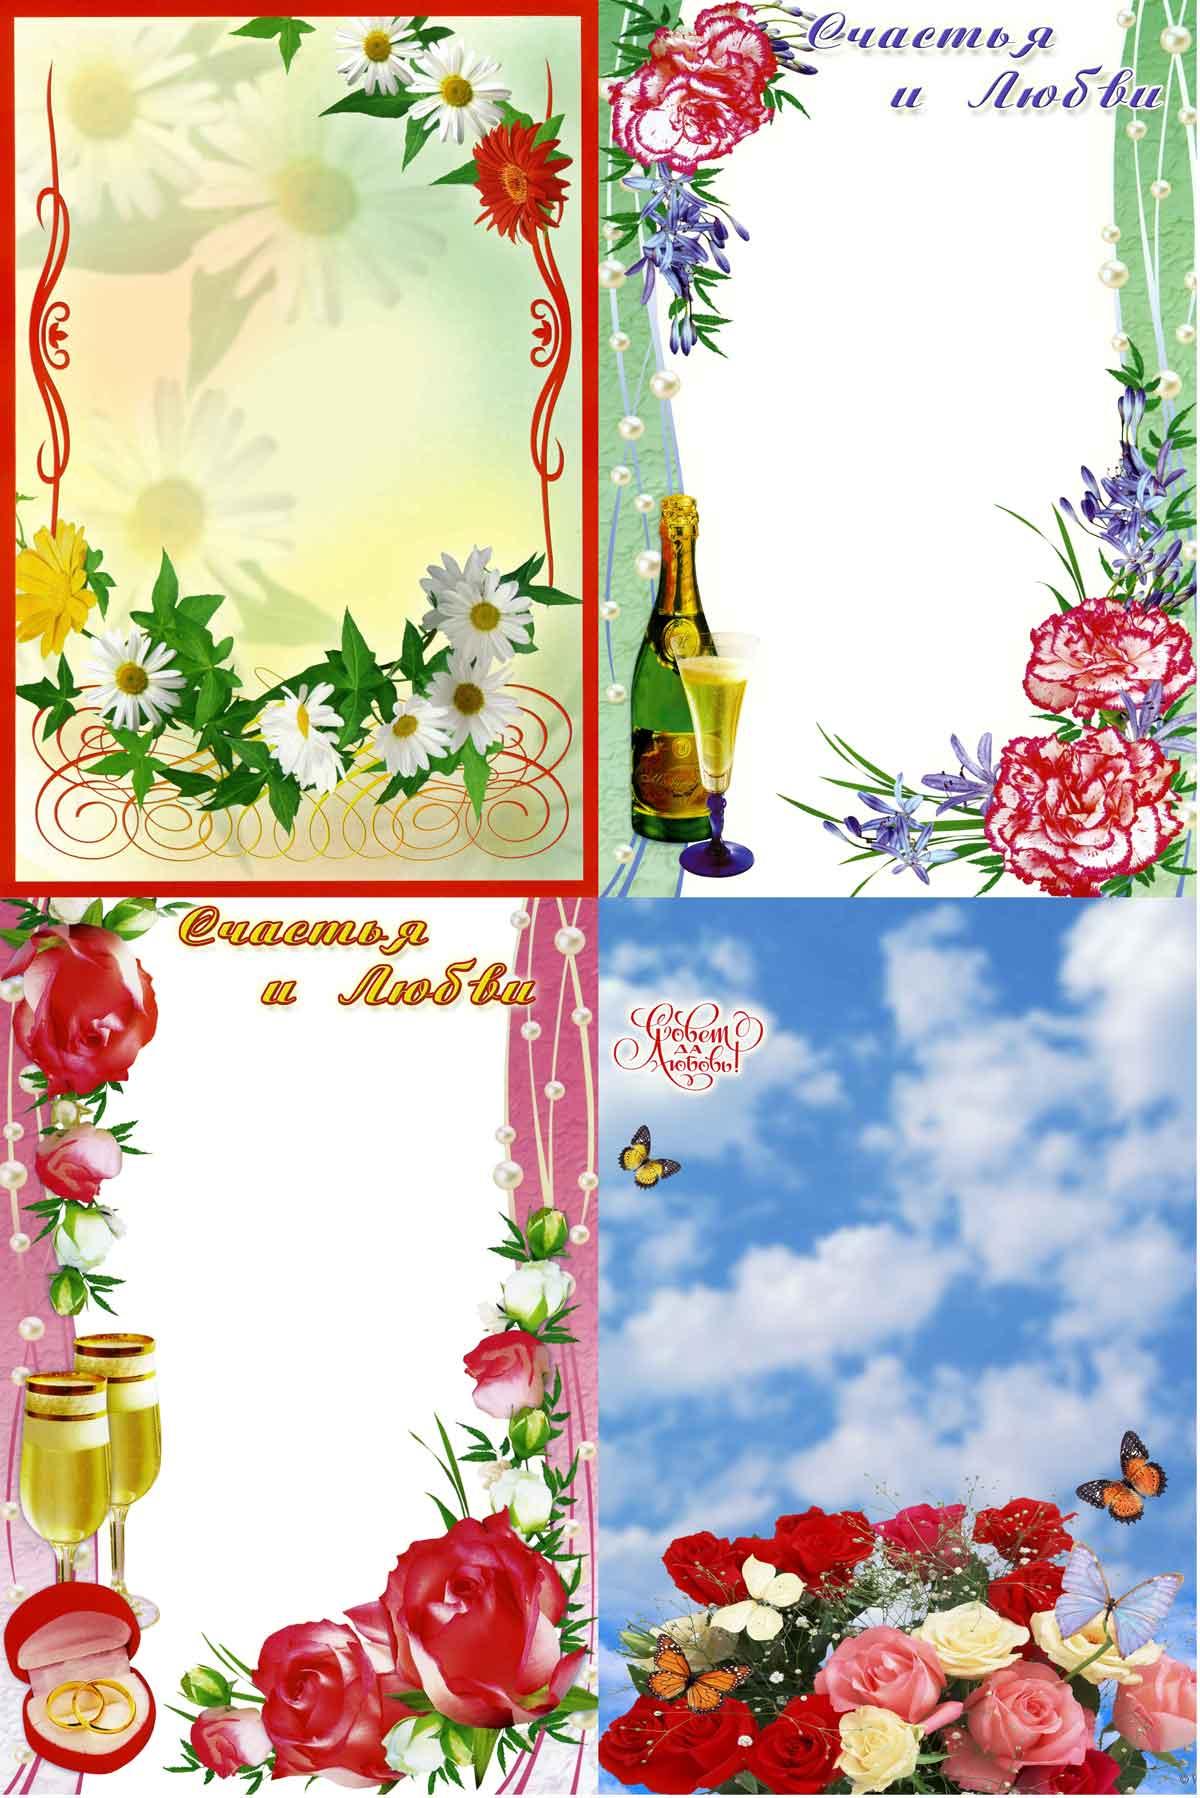 Размер открытки евростандарт - 42c6c: veldakazan.ru/page/f208d-razmer-otkrytki-ewrostandart